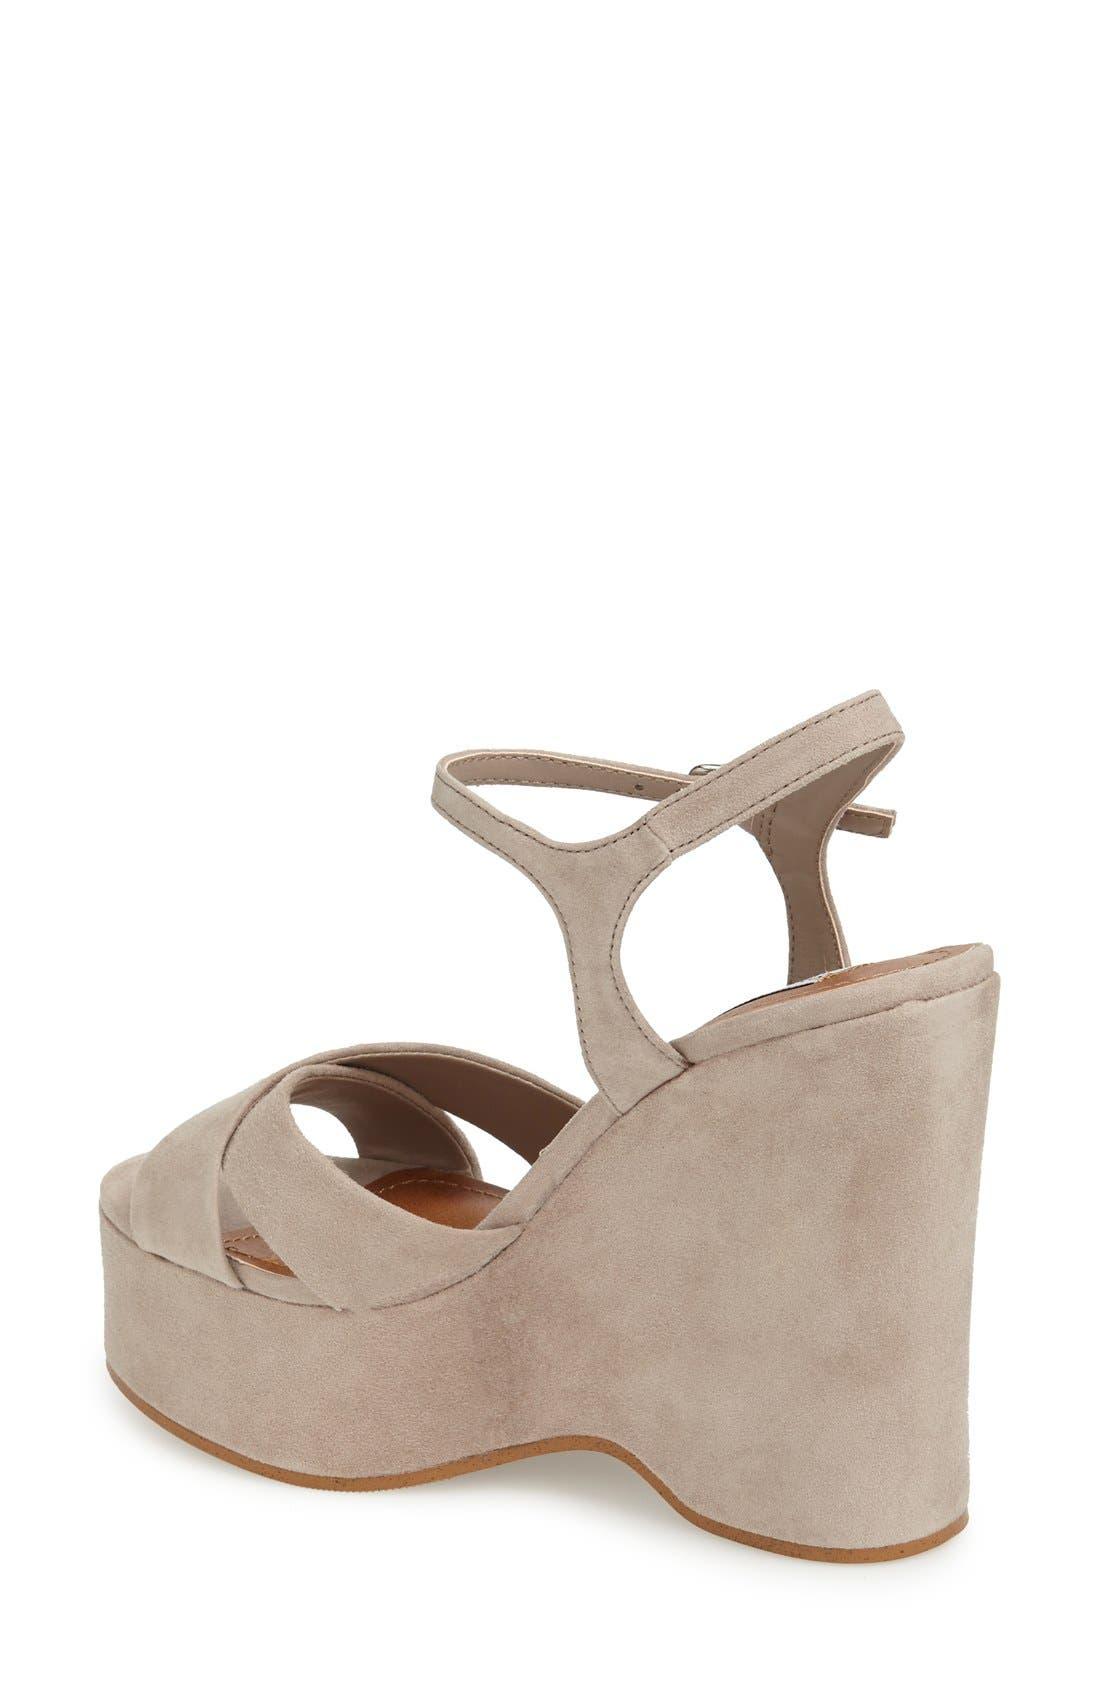 Alternate Image 2  - Steve Madden 'Casper' Platform Wedge Sandal (Women)